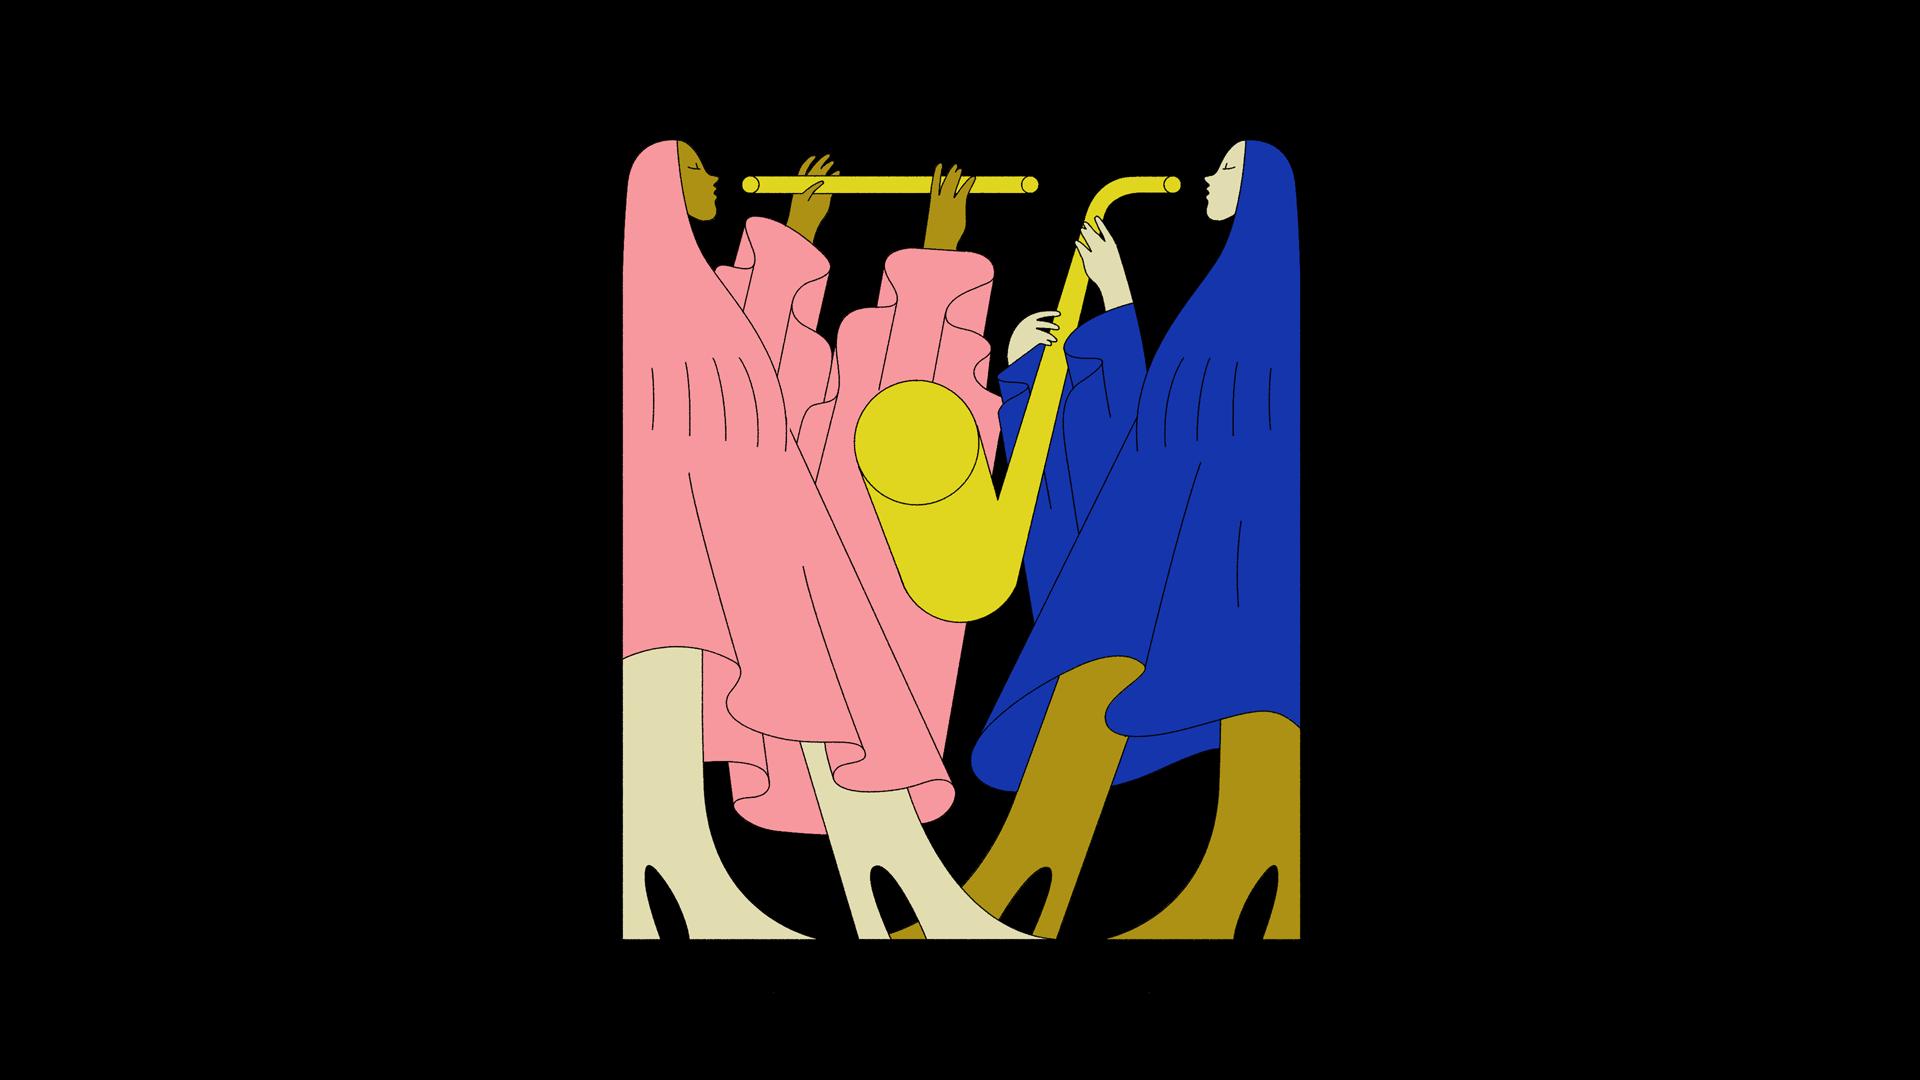 Nicolas Menard Project Ray Ban 02